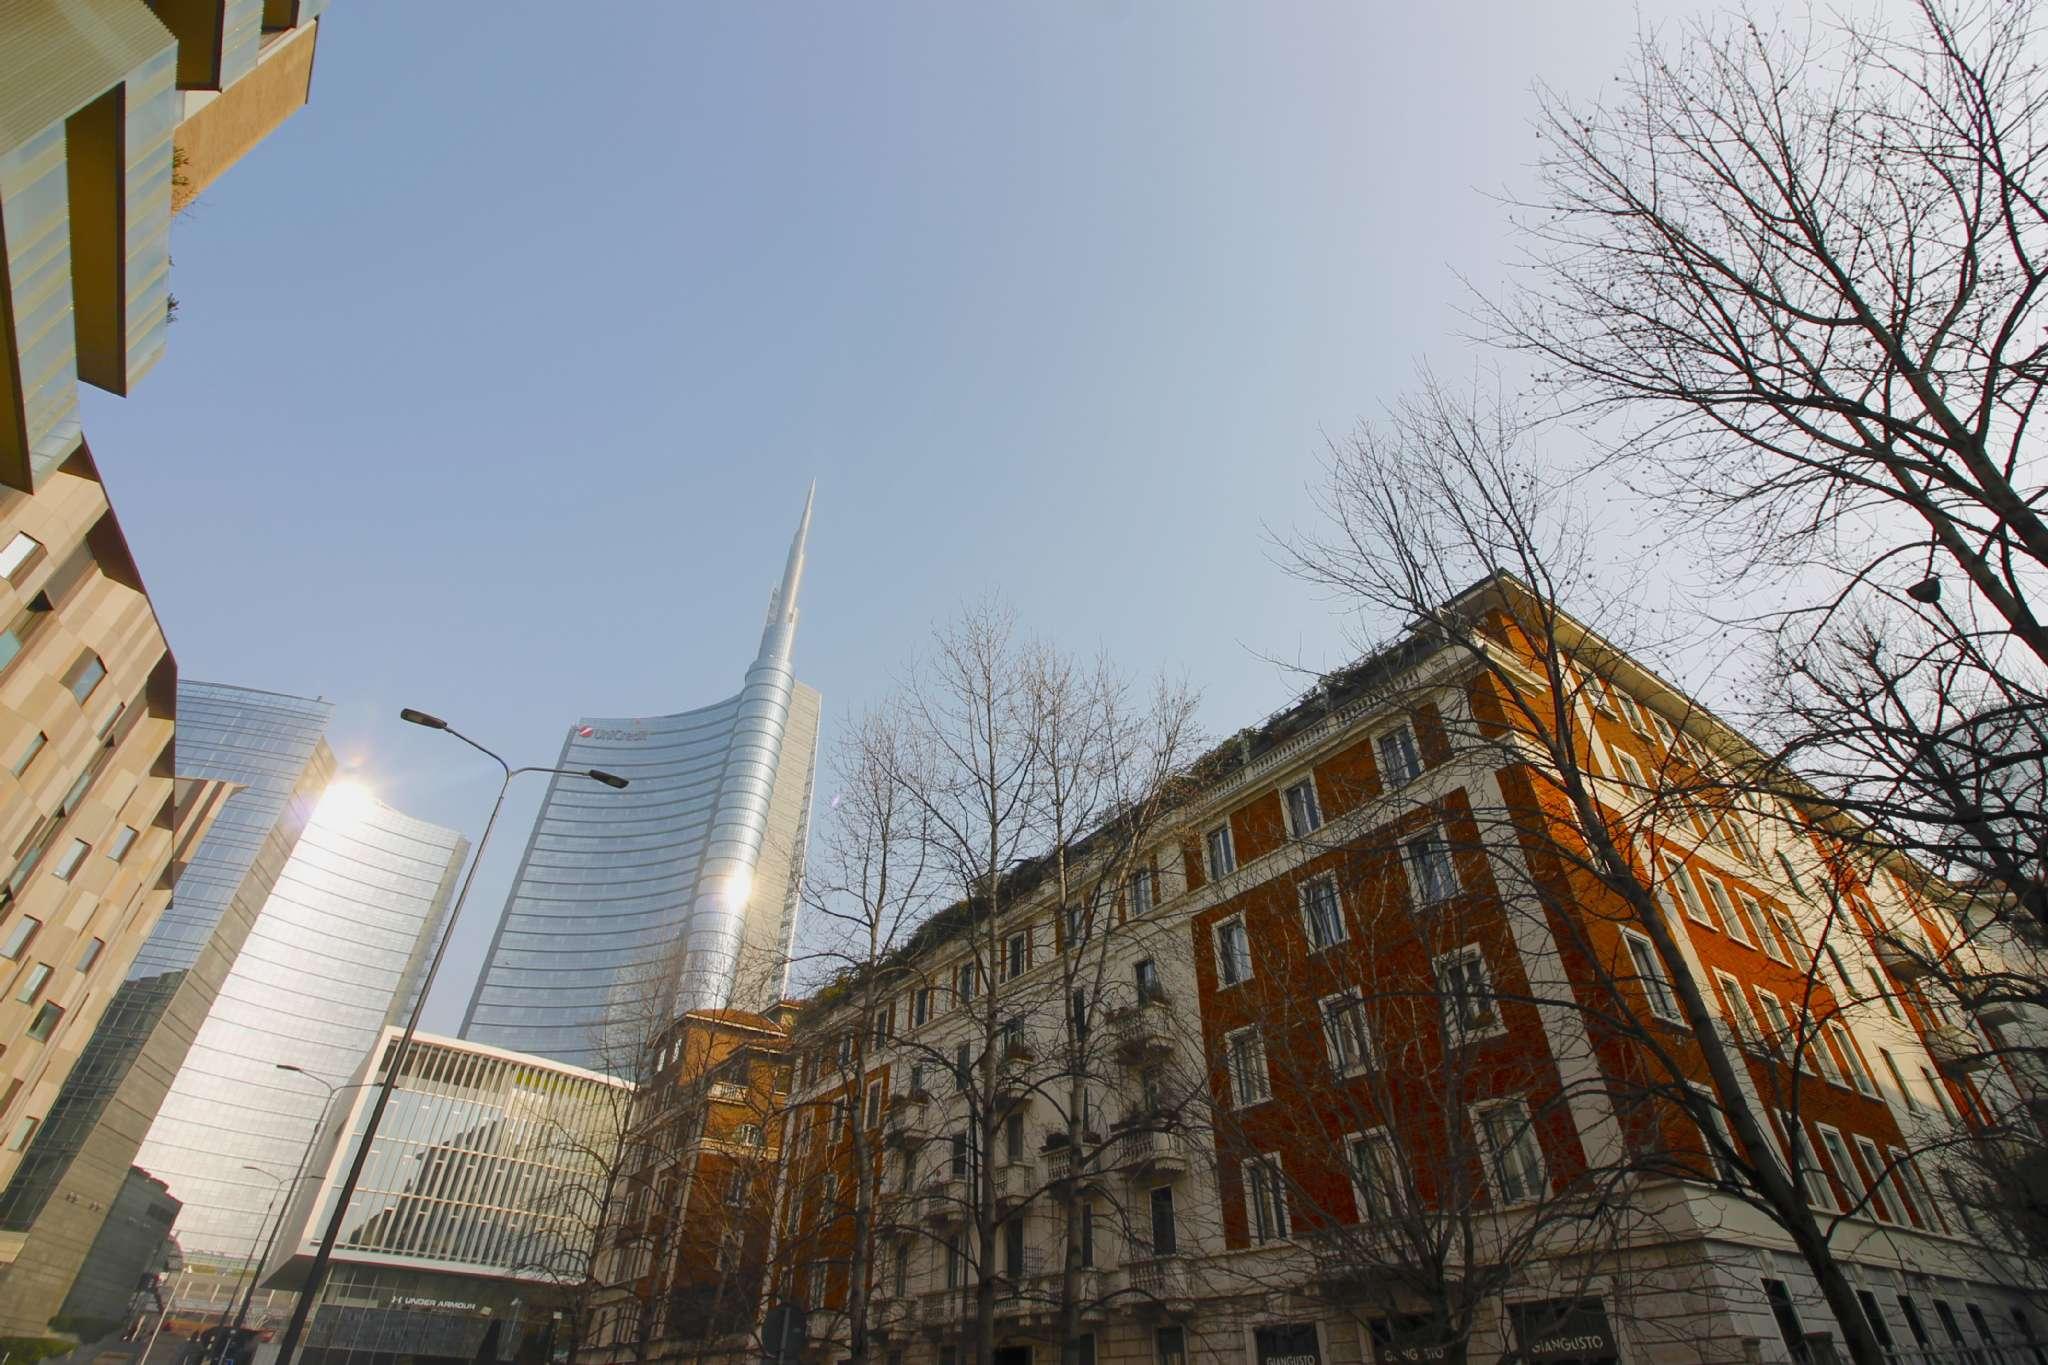 Appartamento in Vendita a Milano 02 Brera / Volta / Repubblica:  3 locali, 130 mq  - Foto 1